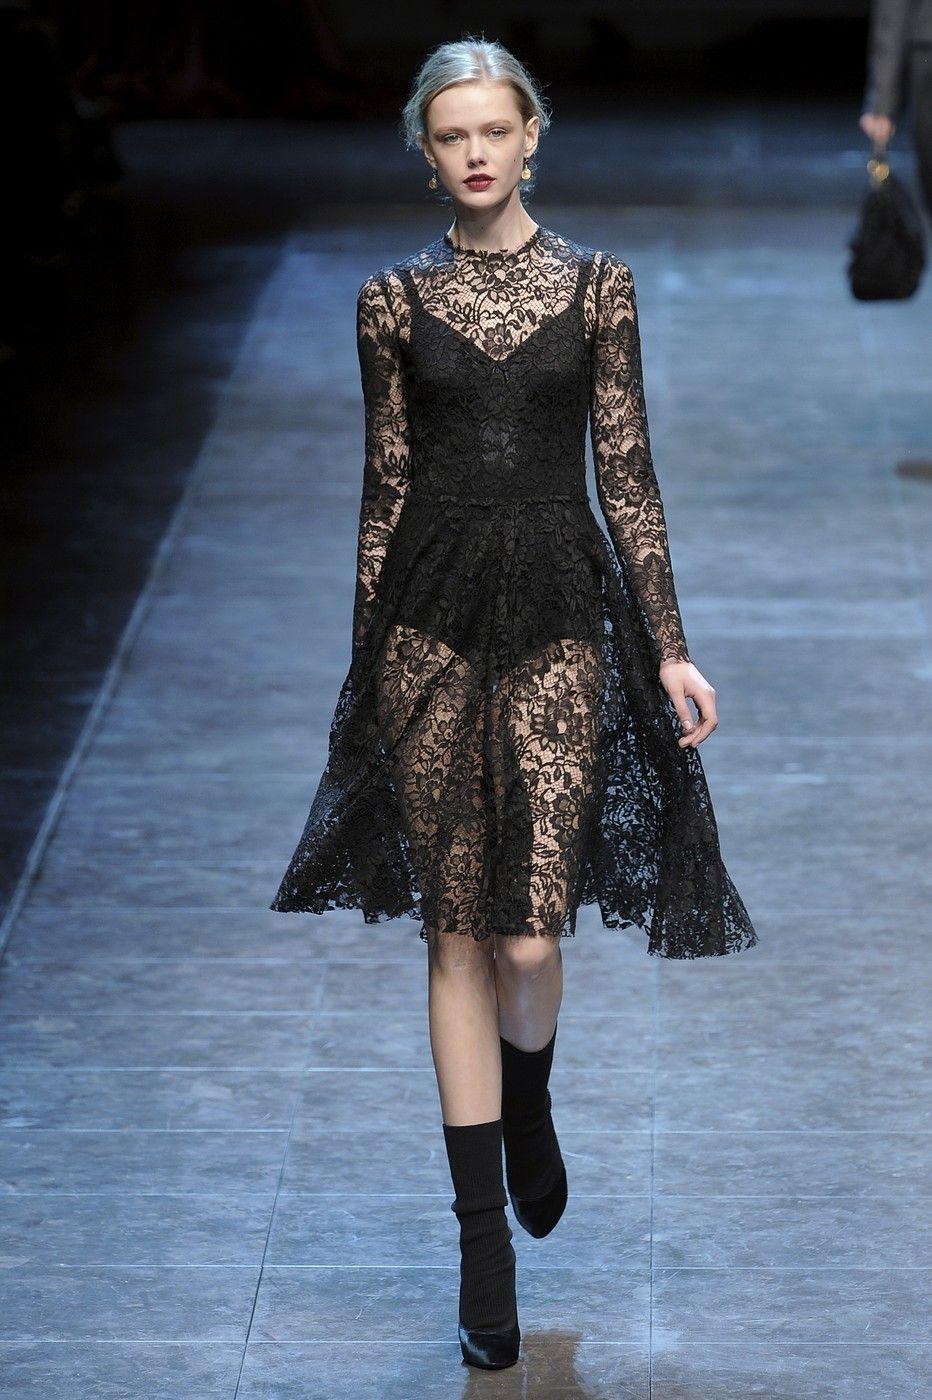 Dolce & Gabbana FW 10